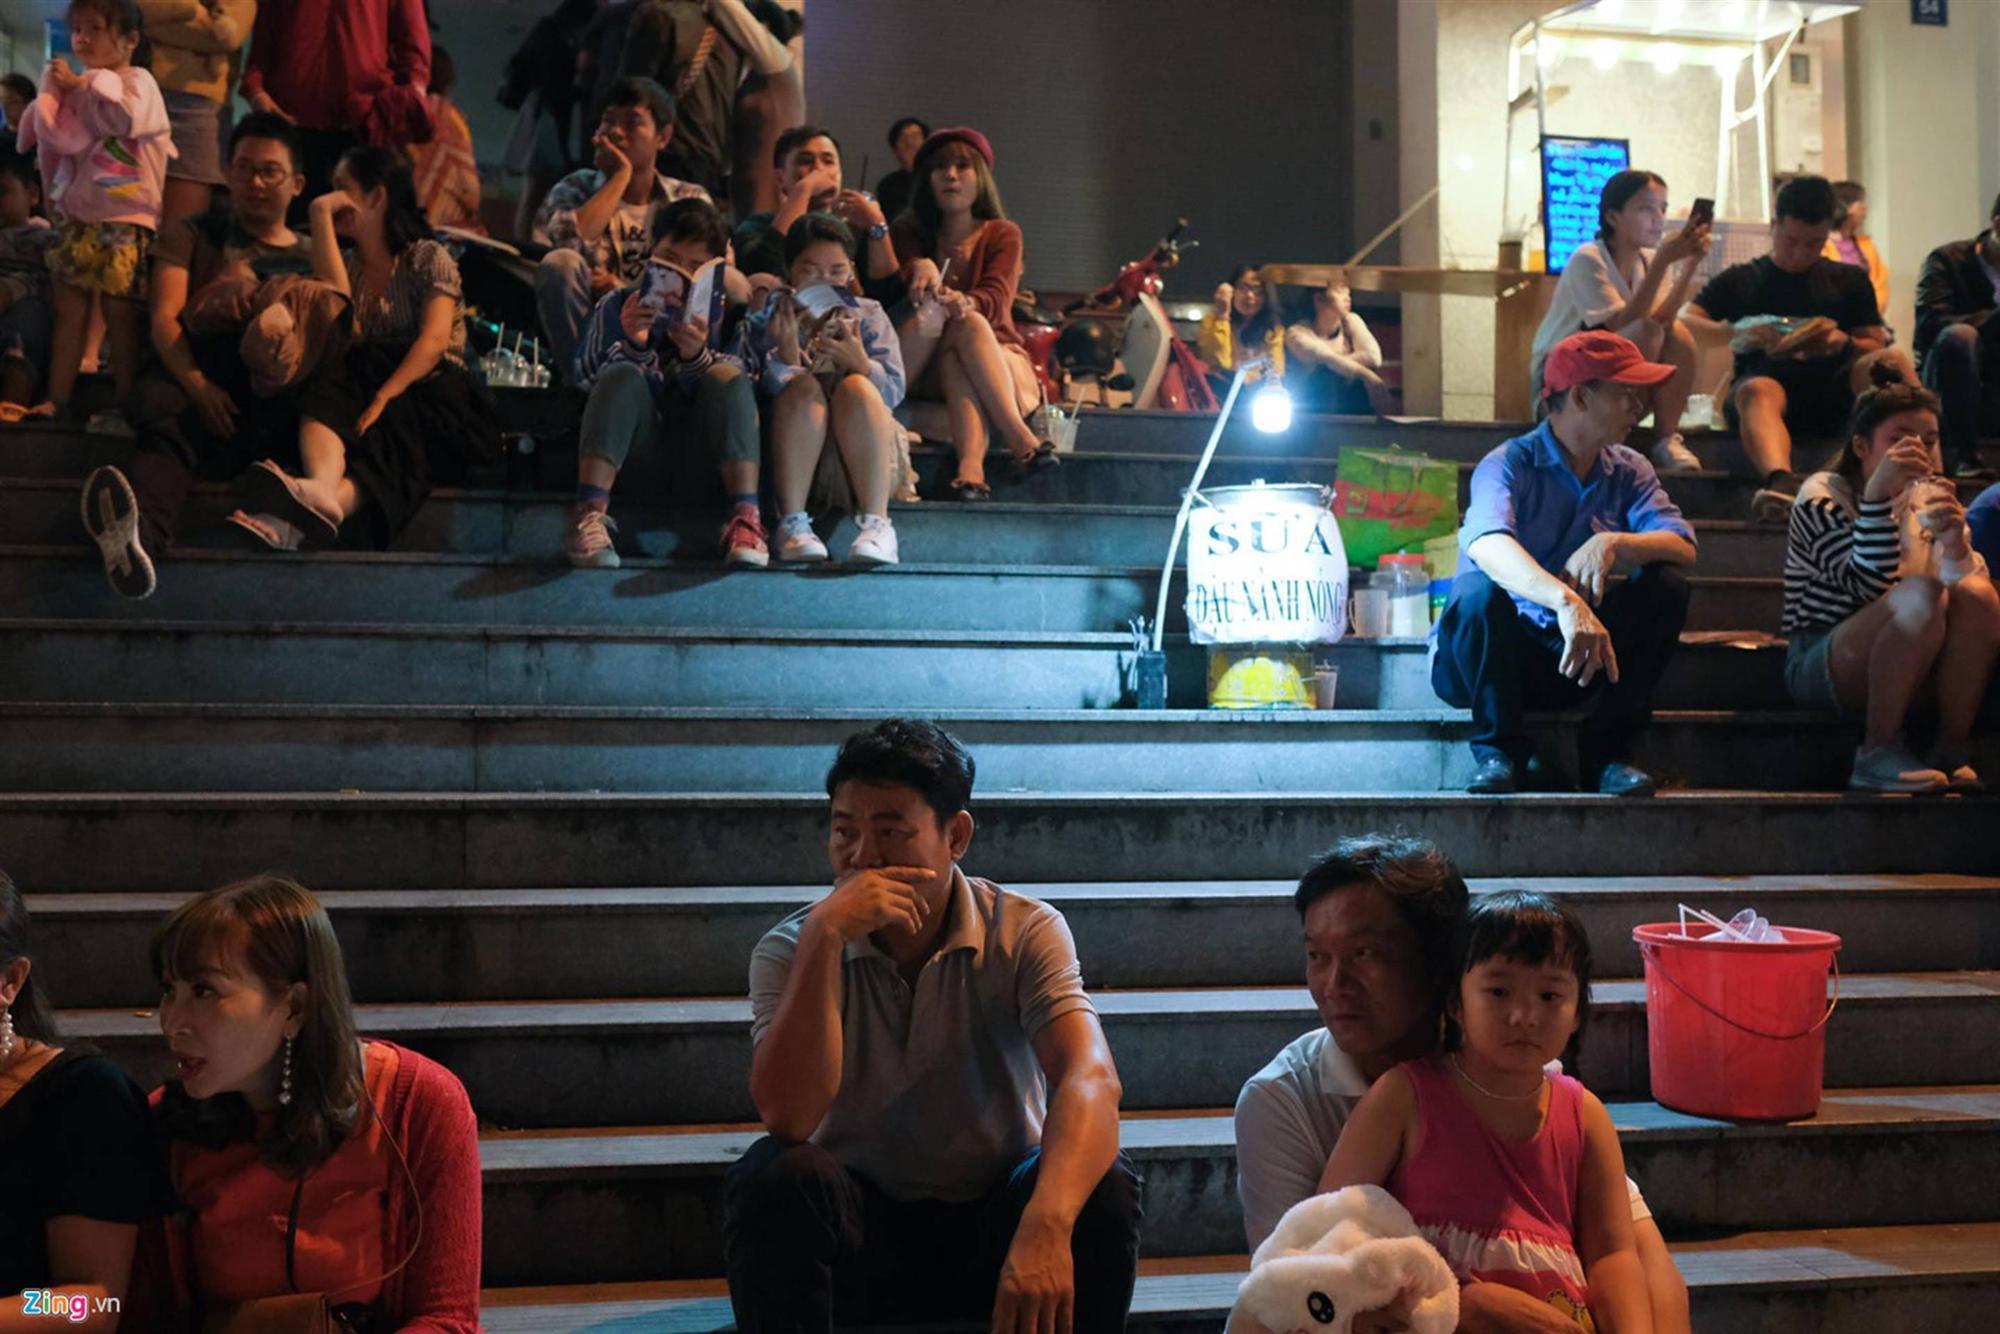 Cảnh người ngắm người ở các điểm đến nổi tiếng của Đà Lạt-6